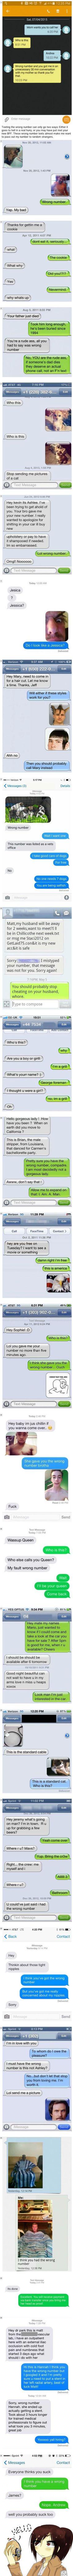 Haha! Laugh a little ;)